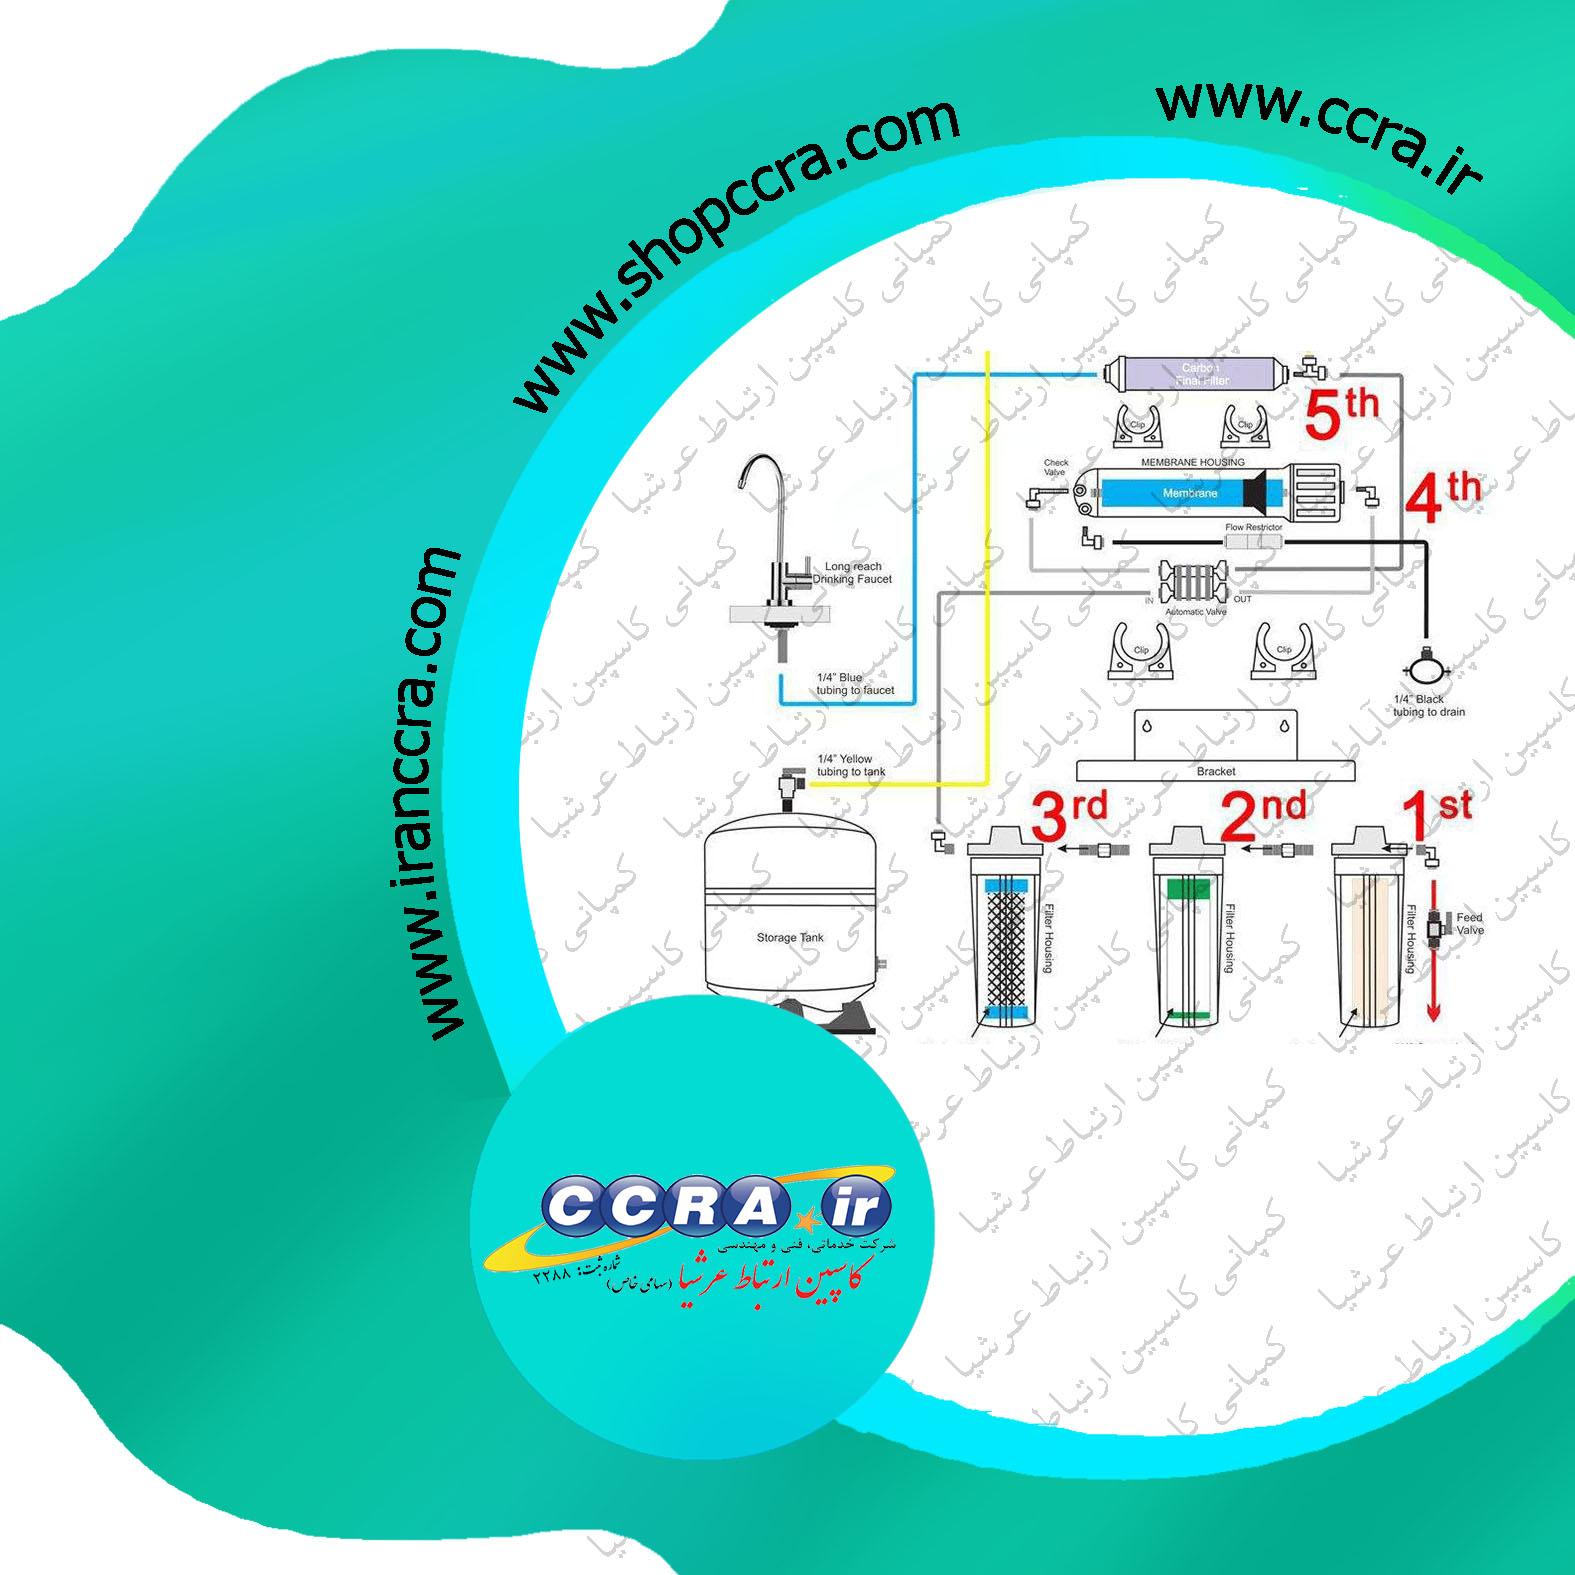 ویژگی های کمی و کیفی دستگاه های تصفیه آب خانگی پیوری واتر